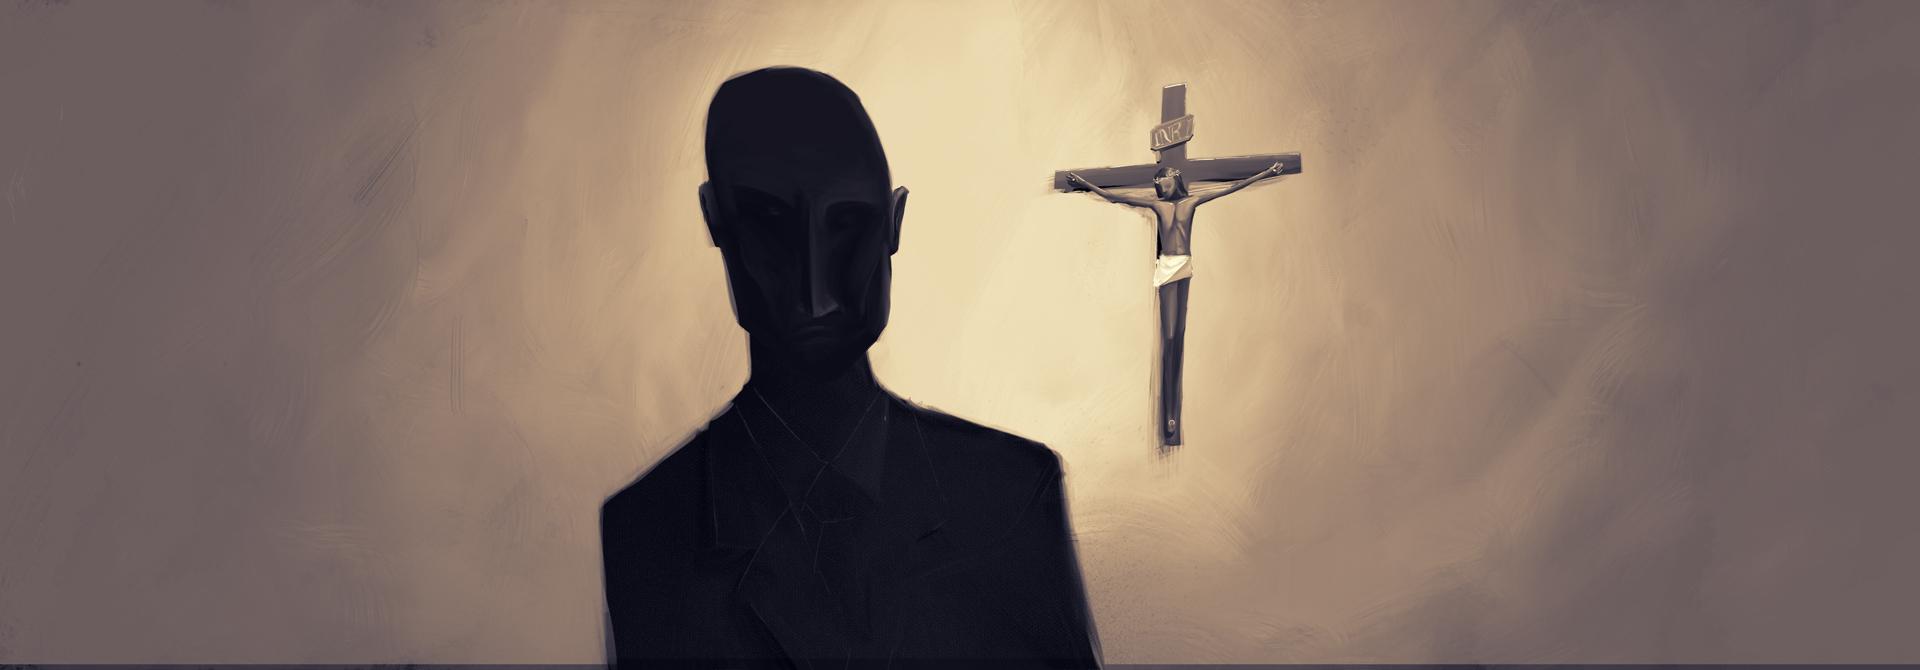 14a_Crucifix_2.jpg